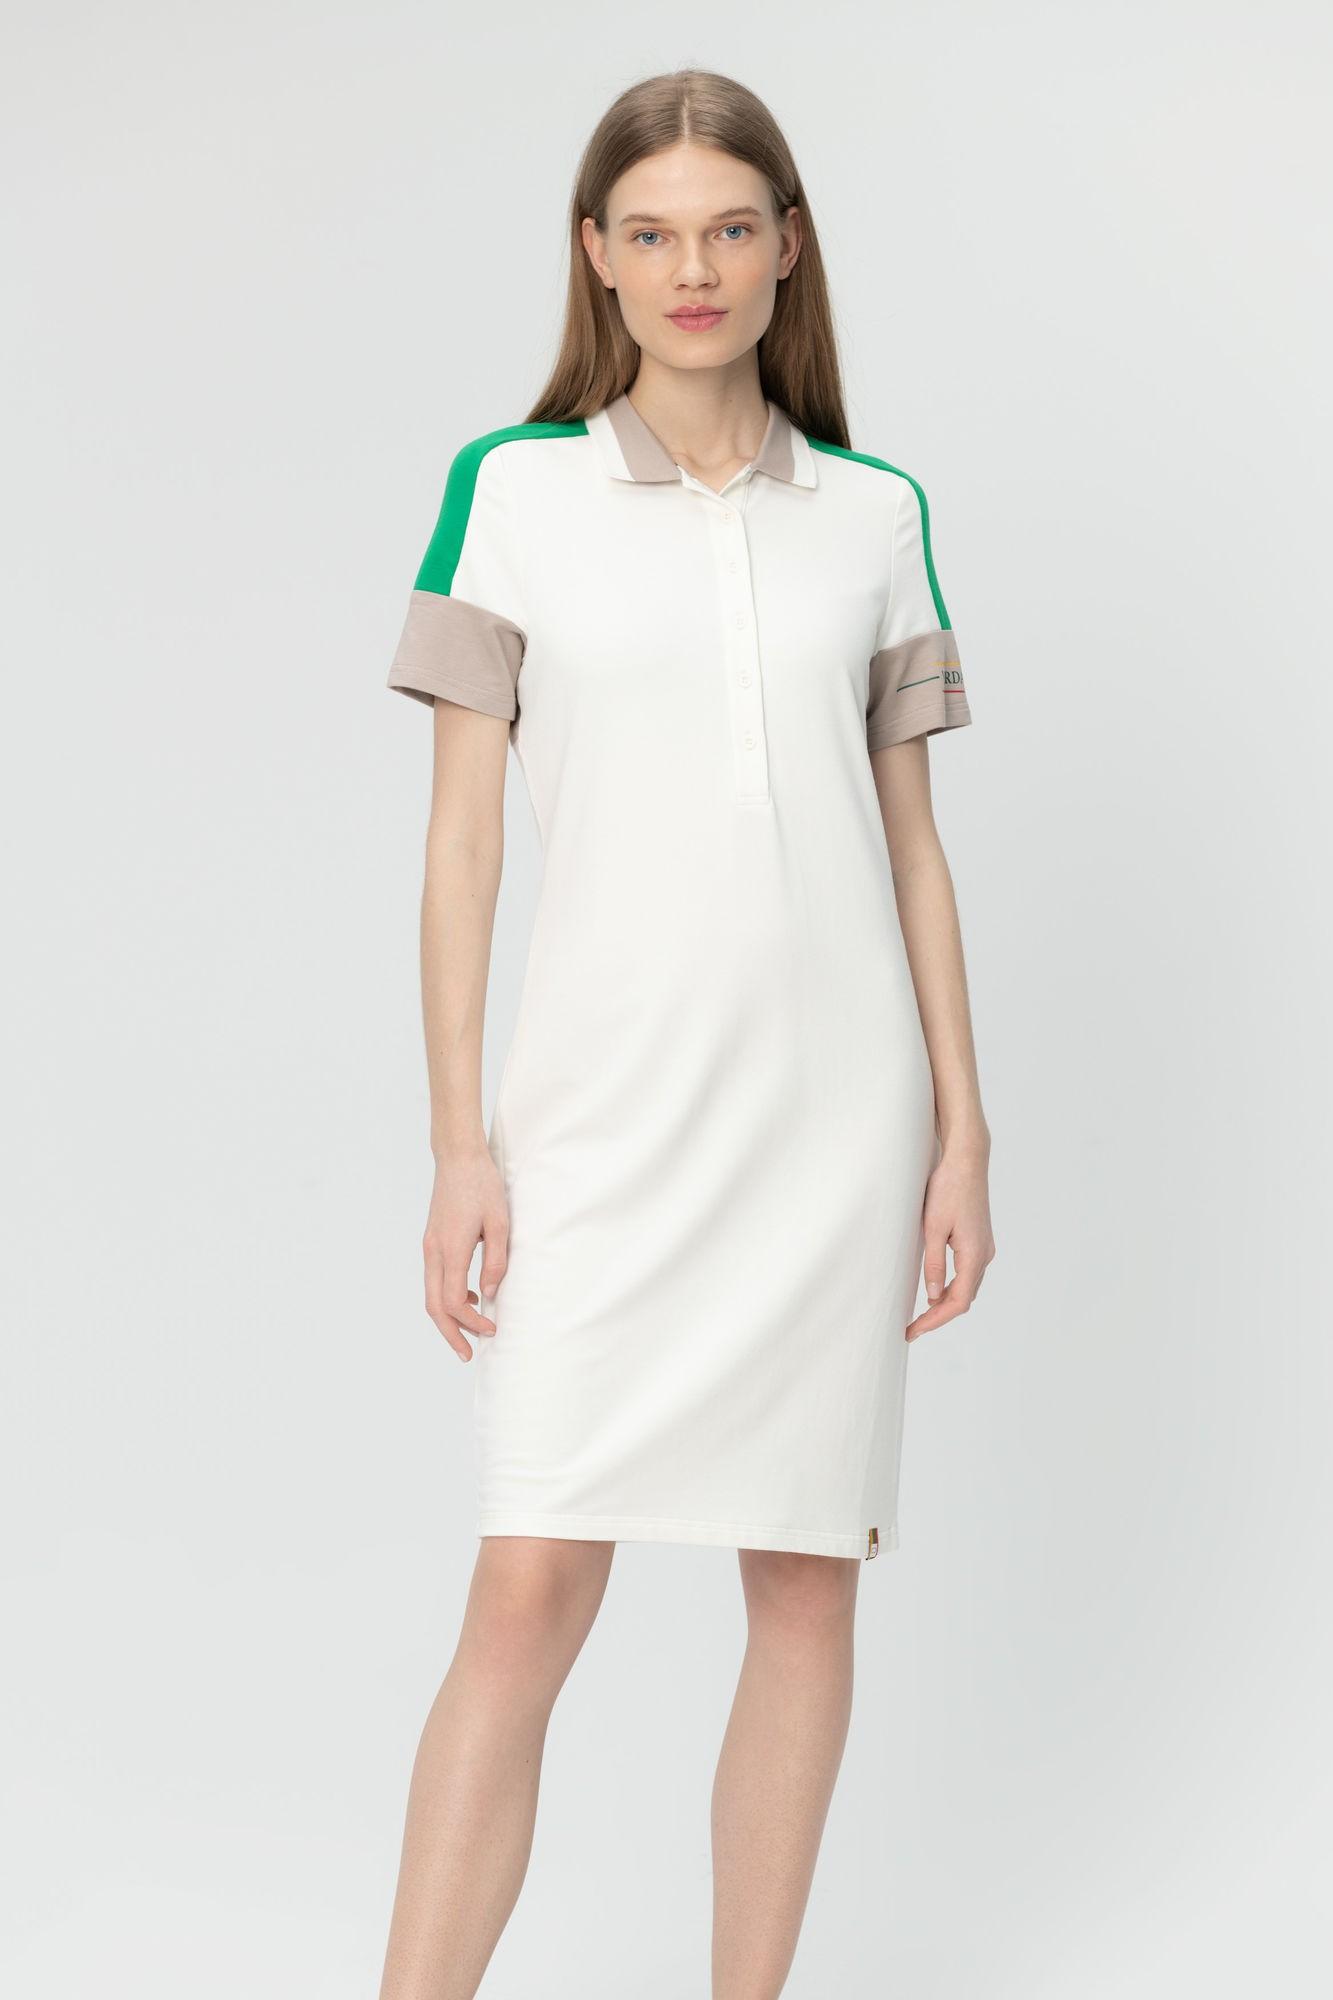 AUDIMAS Švelnaus modalo polo suknelė 20LT-010 Blanc De Blanc L